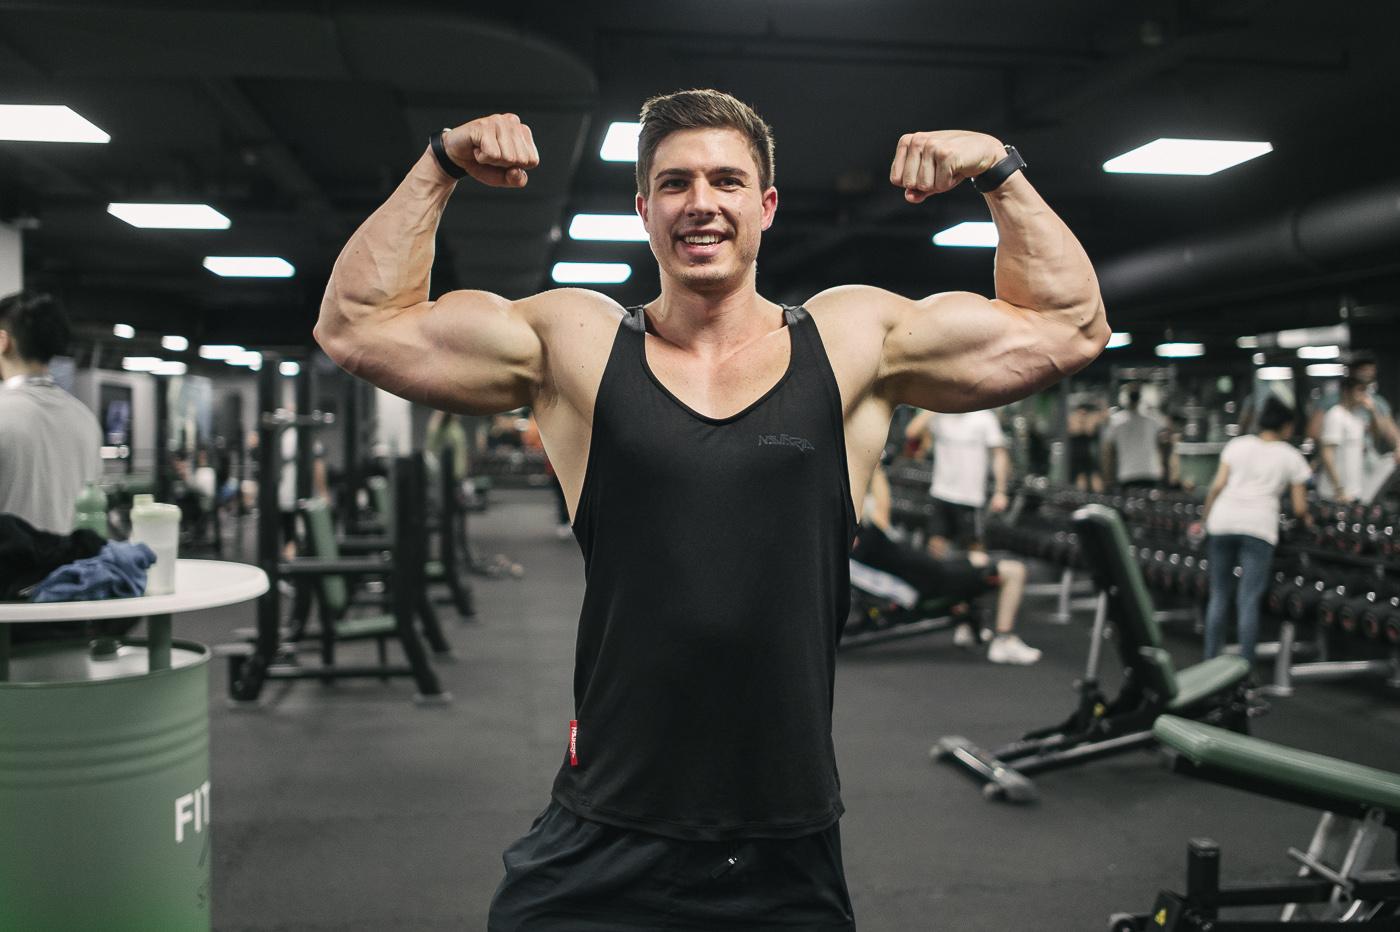 fitnessblog-fitnessblogger-fitness-blog-blogger-stuttgart-dreamteamfitness-die-masse-kommt-3